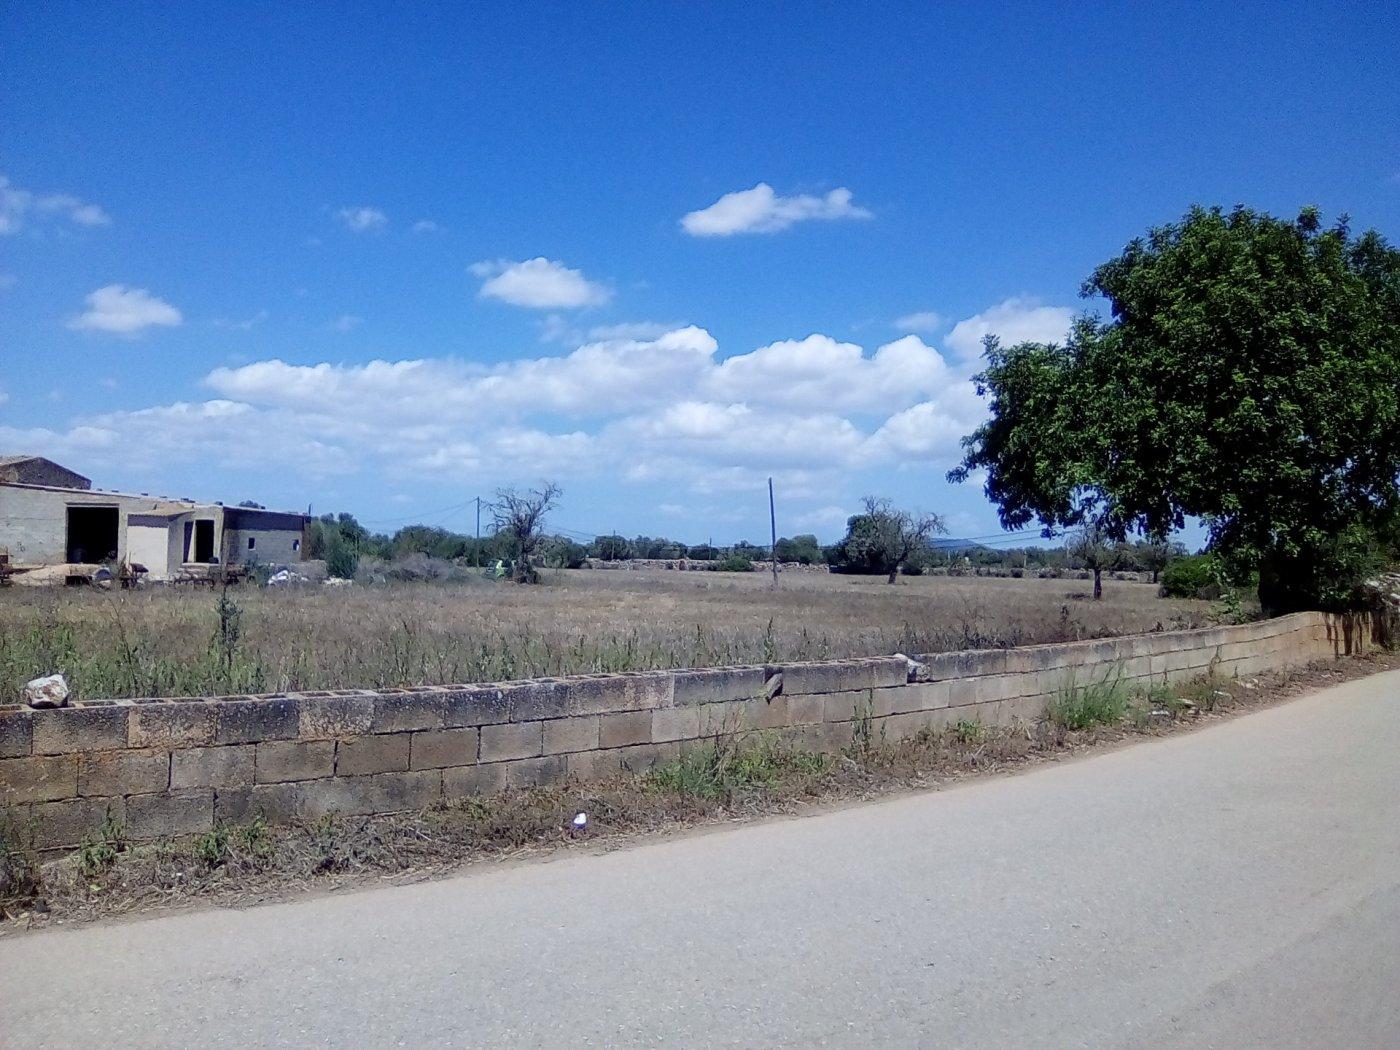 Finca rustica en venta con casa de campo en son valls felanitx - imagenInmueble13